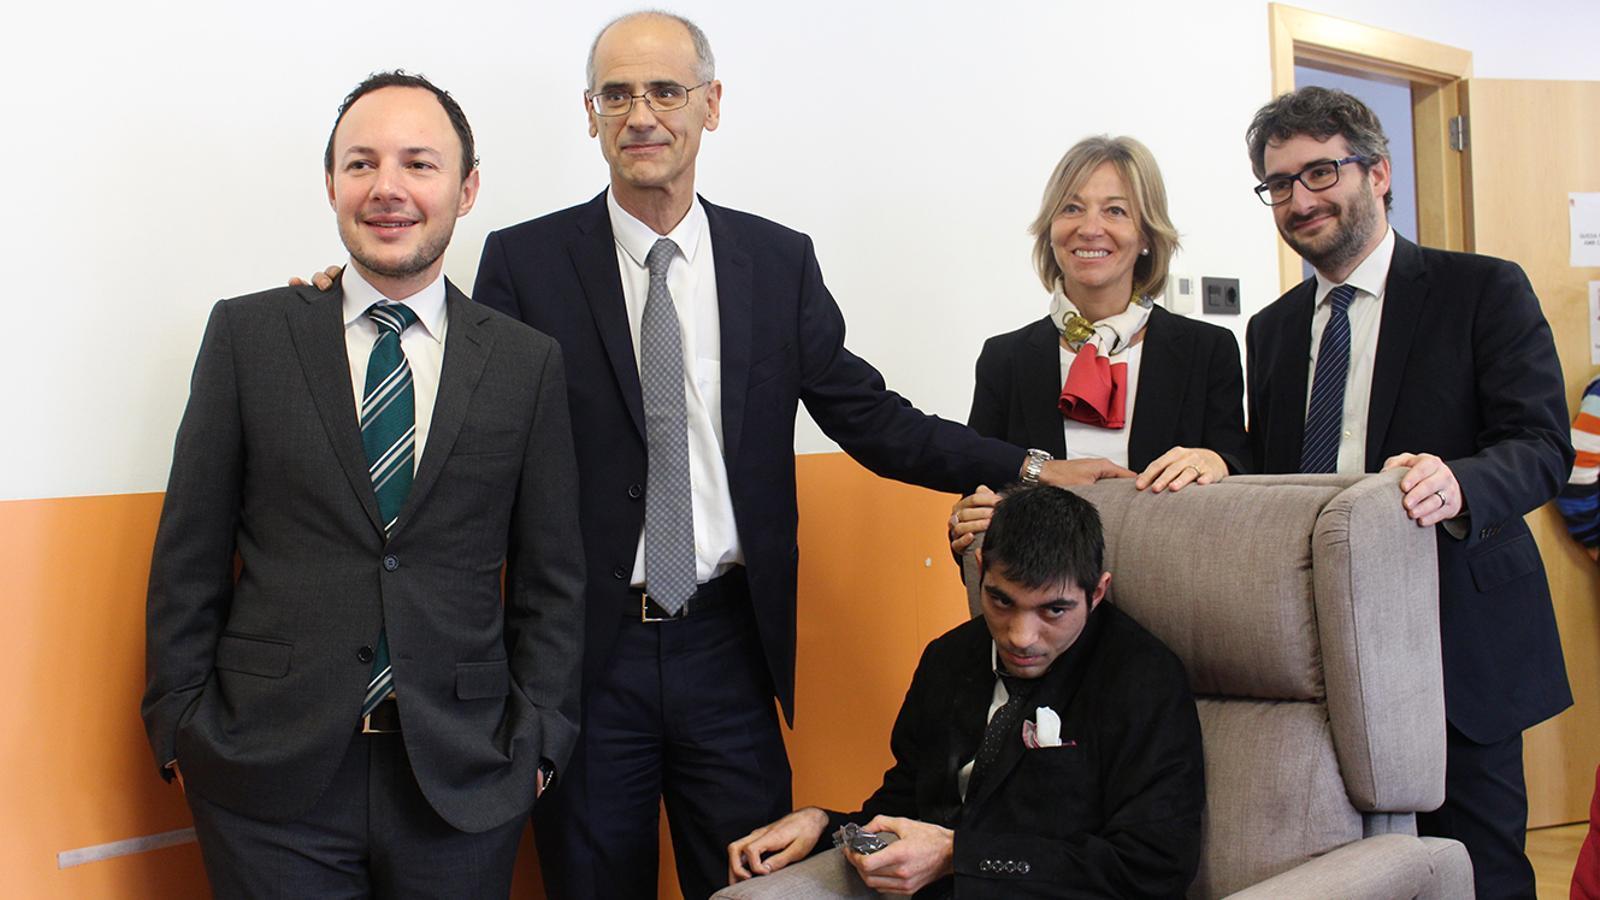 Visita prèvia a les festes de Nadal del cap de Govern, Toni Martí, a l'EENSM. / EENSM